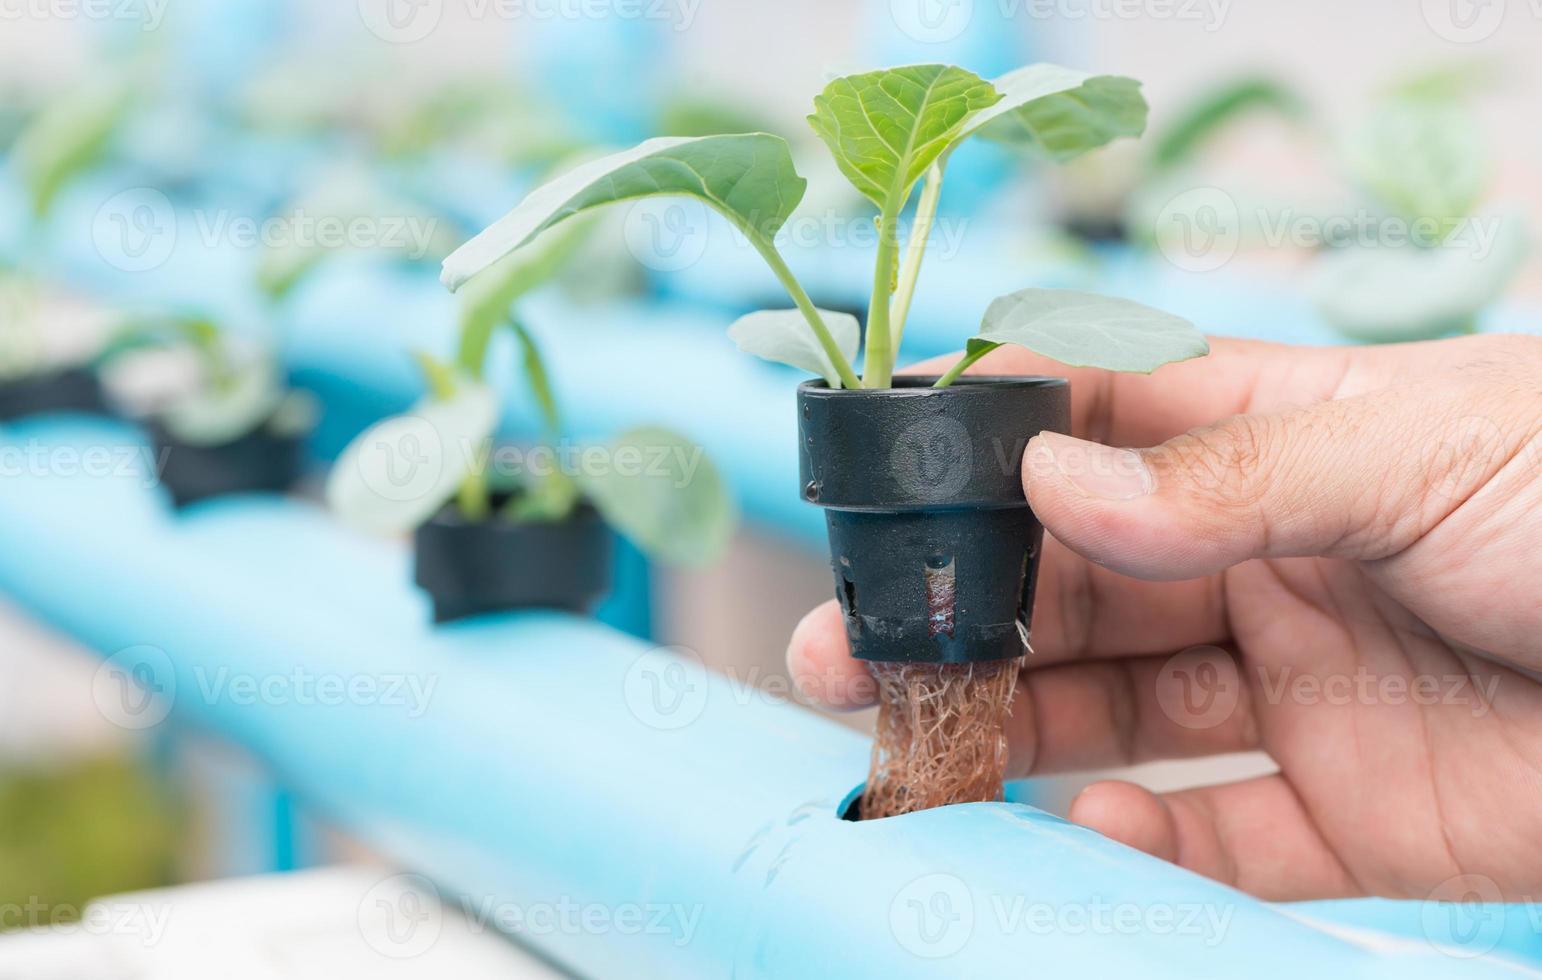 ferme hydroponique de légumes photo